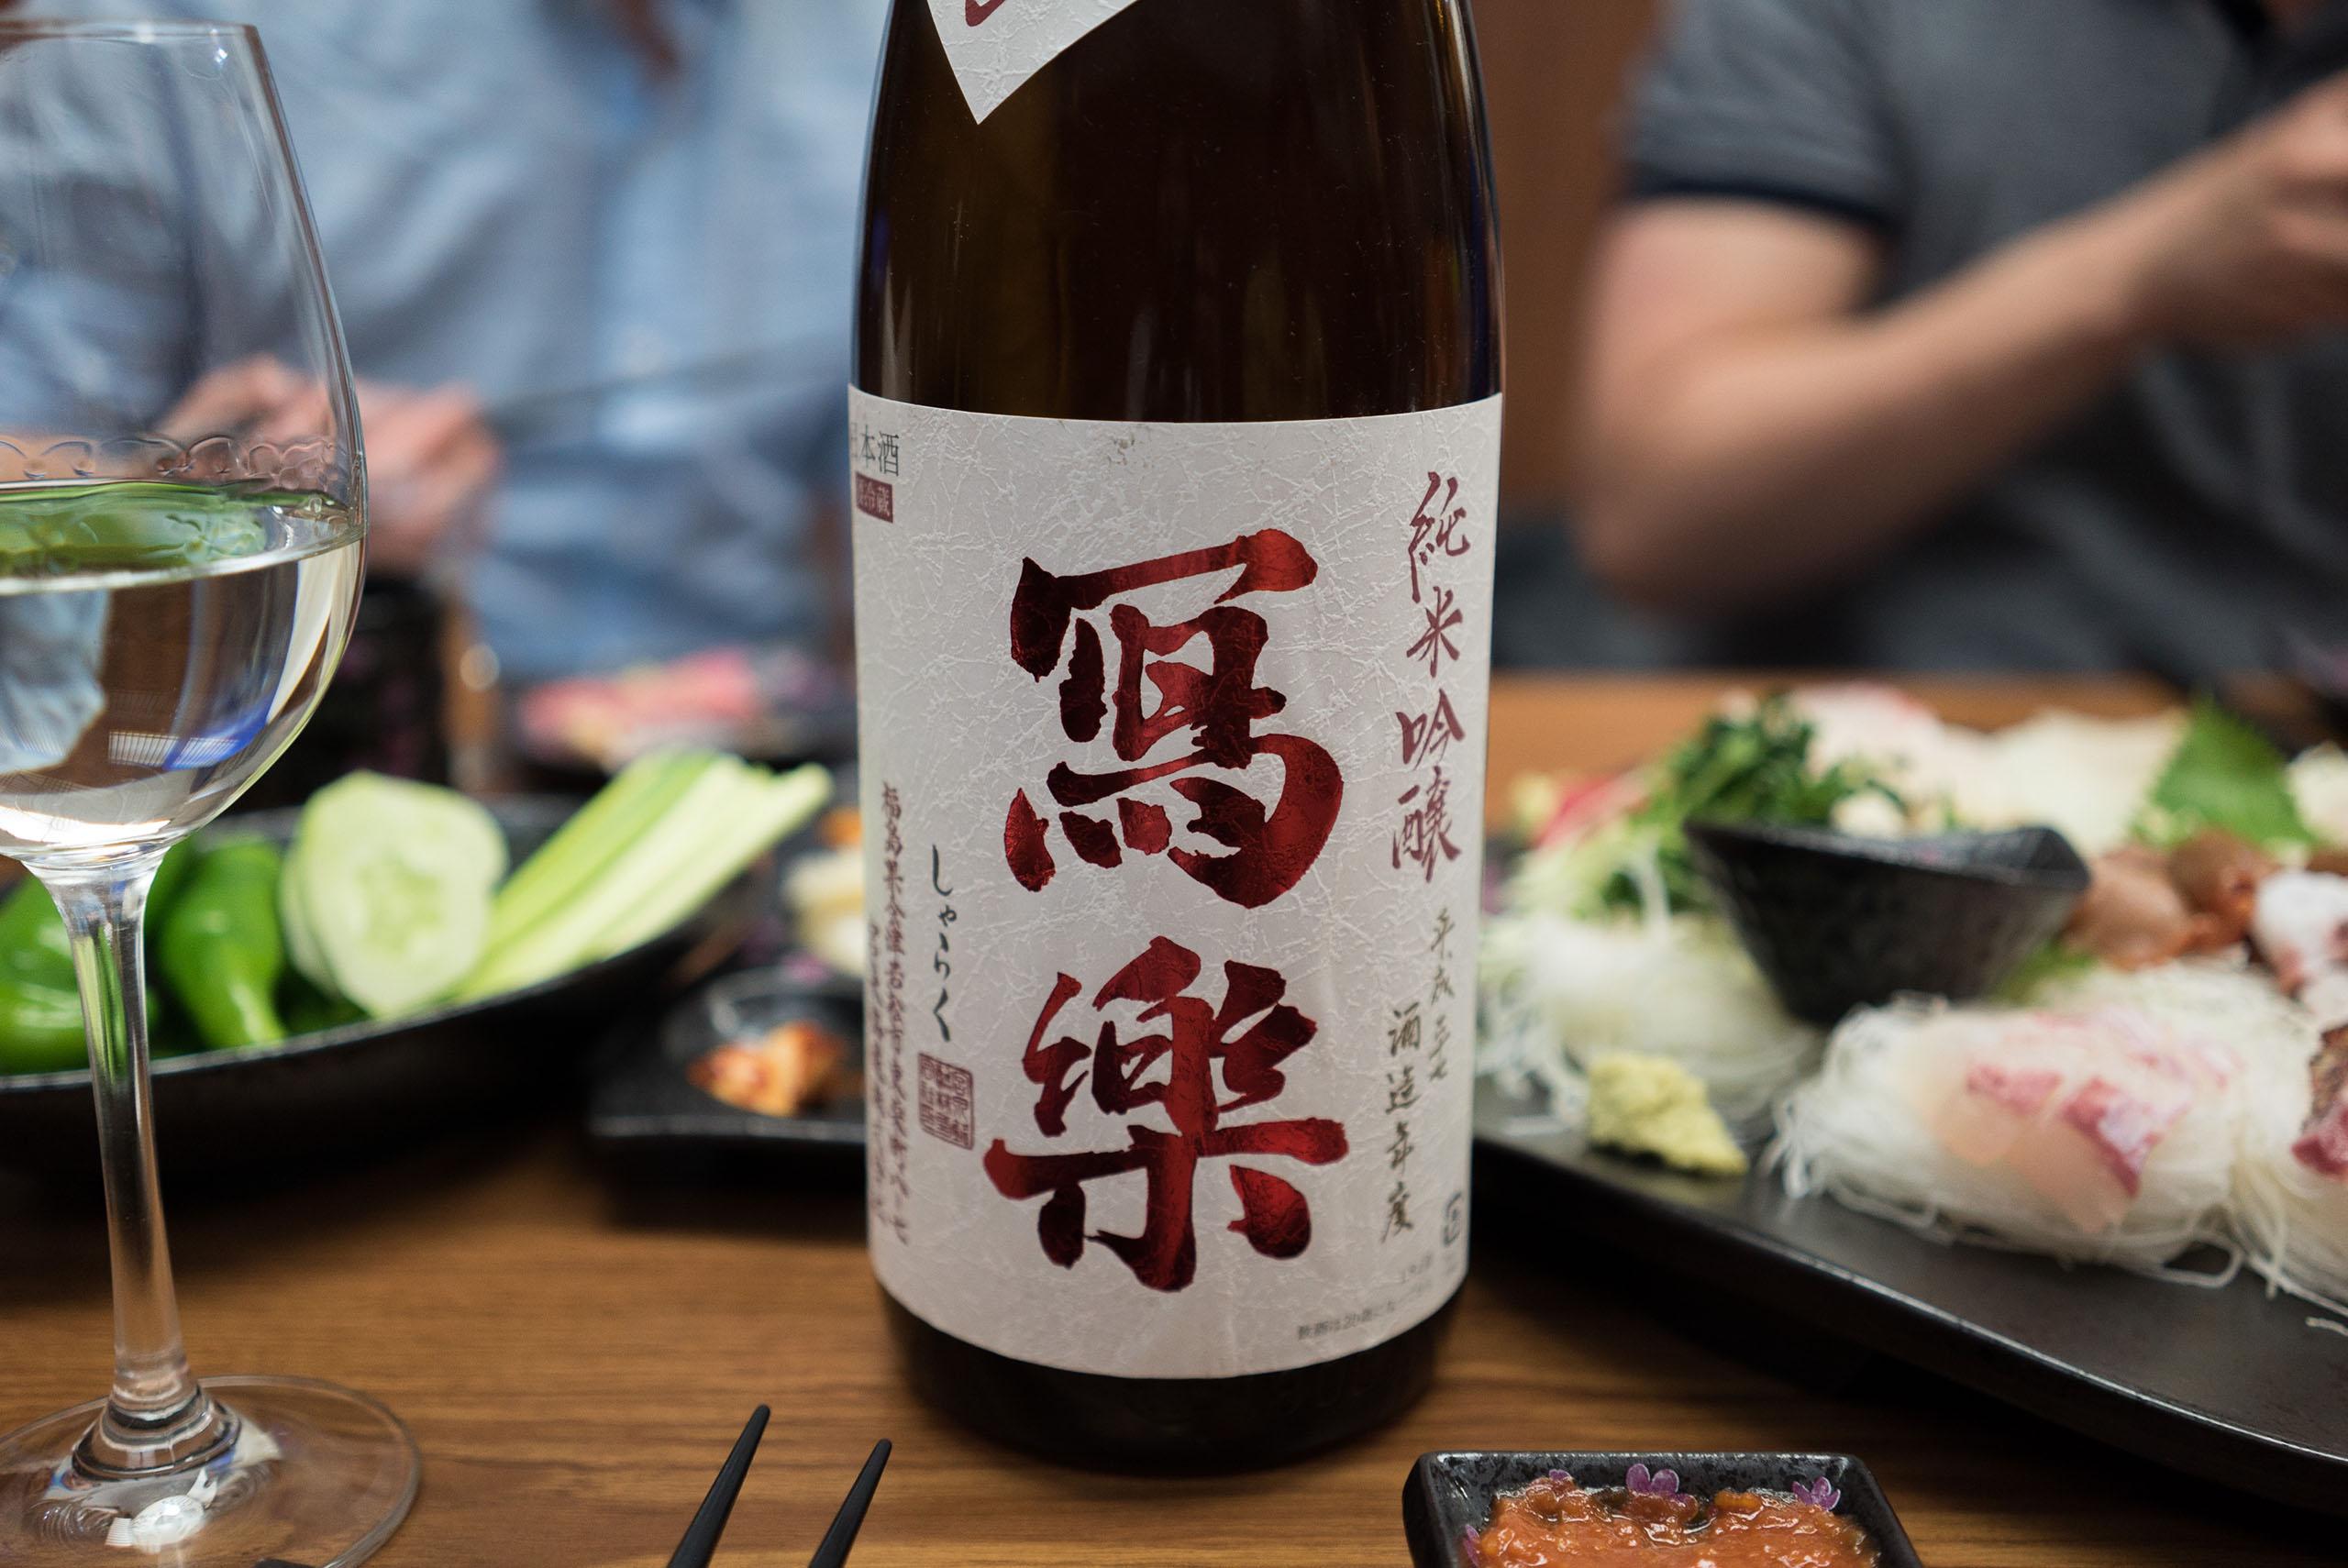 샤라쿠 쥰마이긴죠 비젠오마치 나마